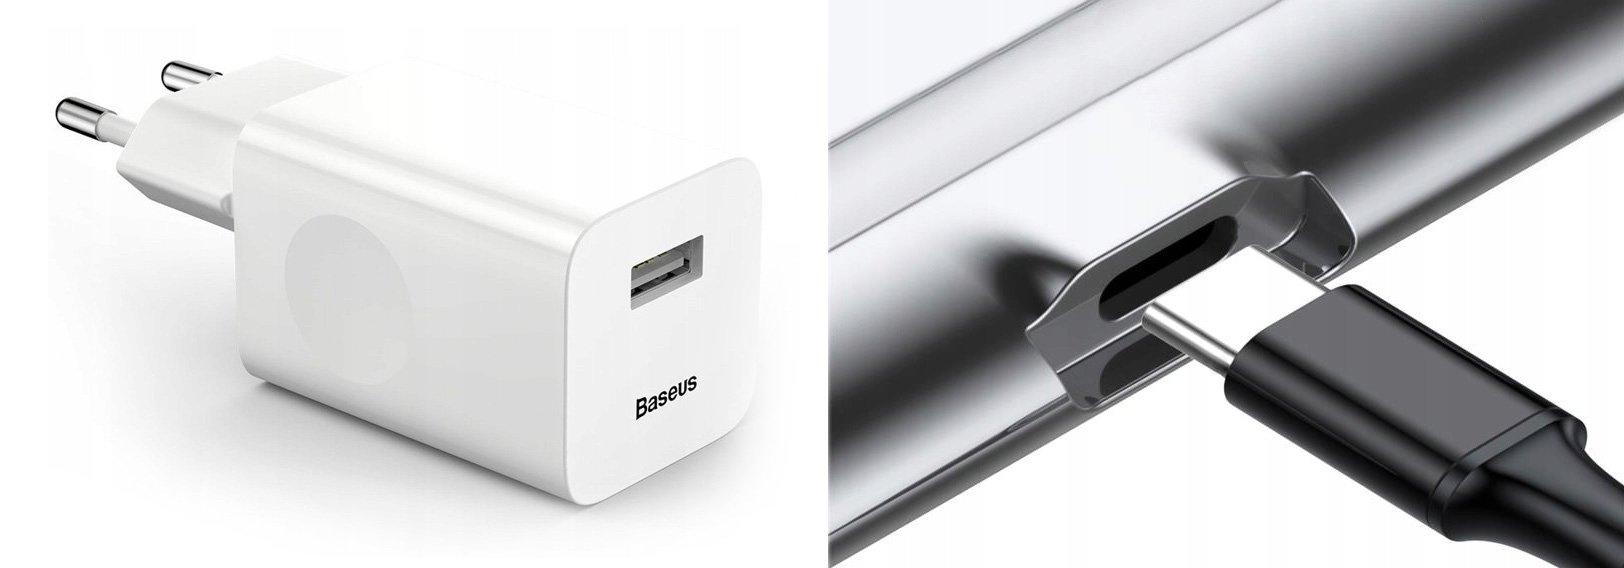 W zestawie do podwójnej ładowarki indukcyjnej Baseus ładowarka sieciowa i kabel USB typu C